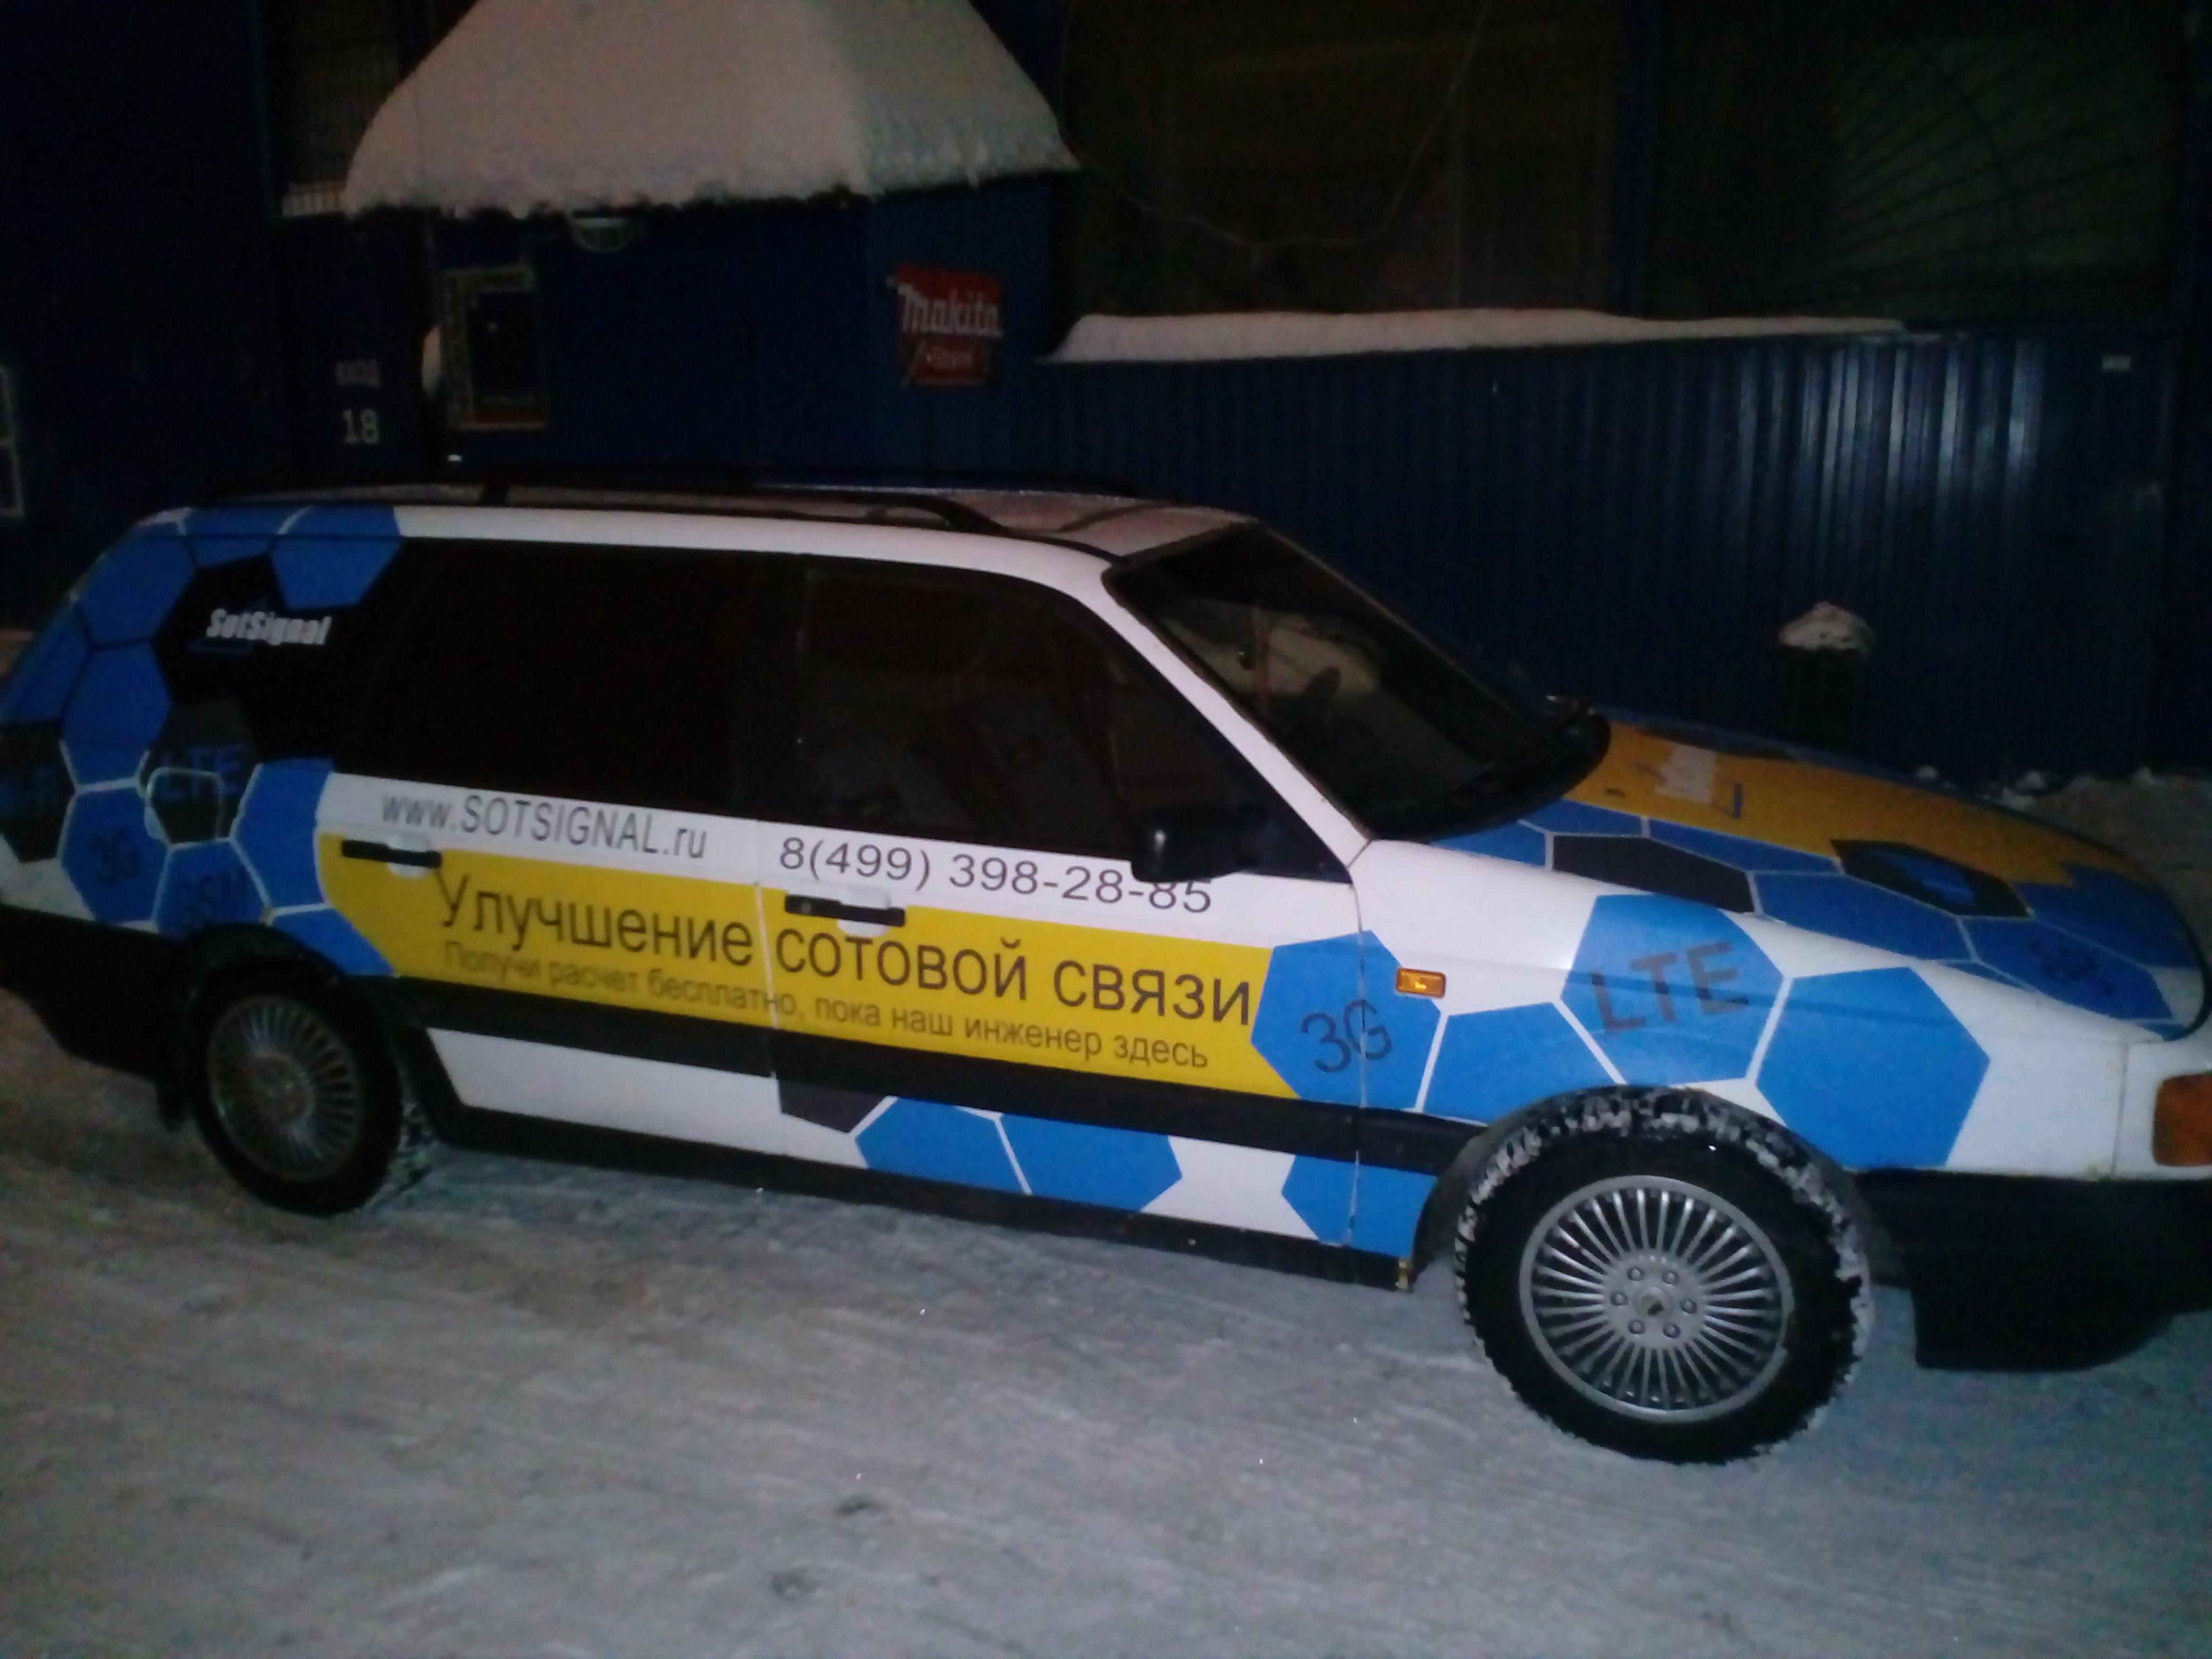 Реклама на автомобиль на варшавском шоссе